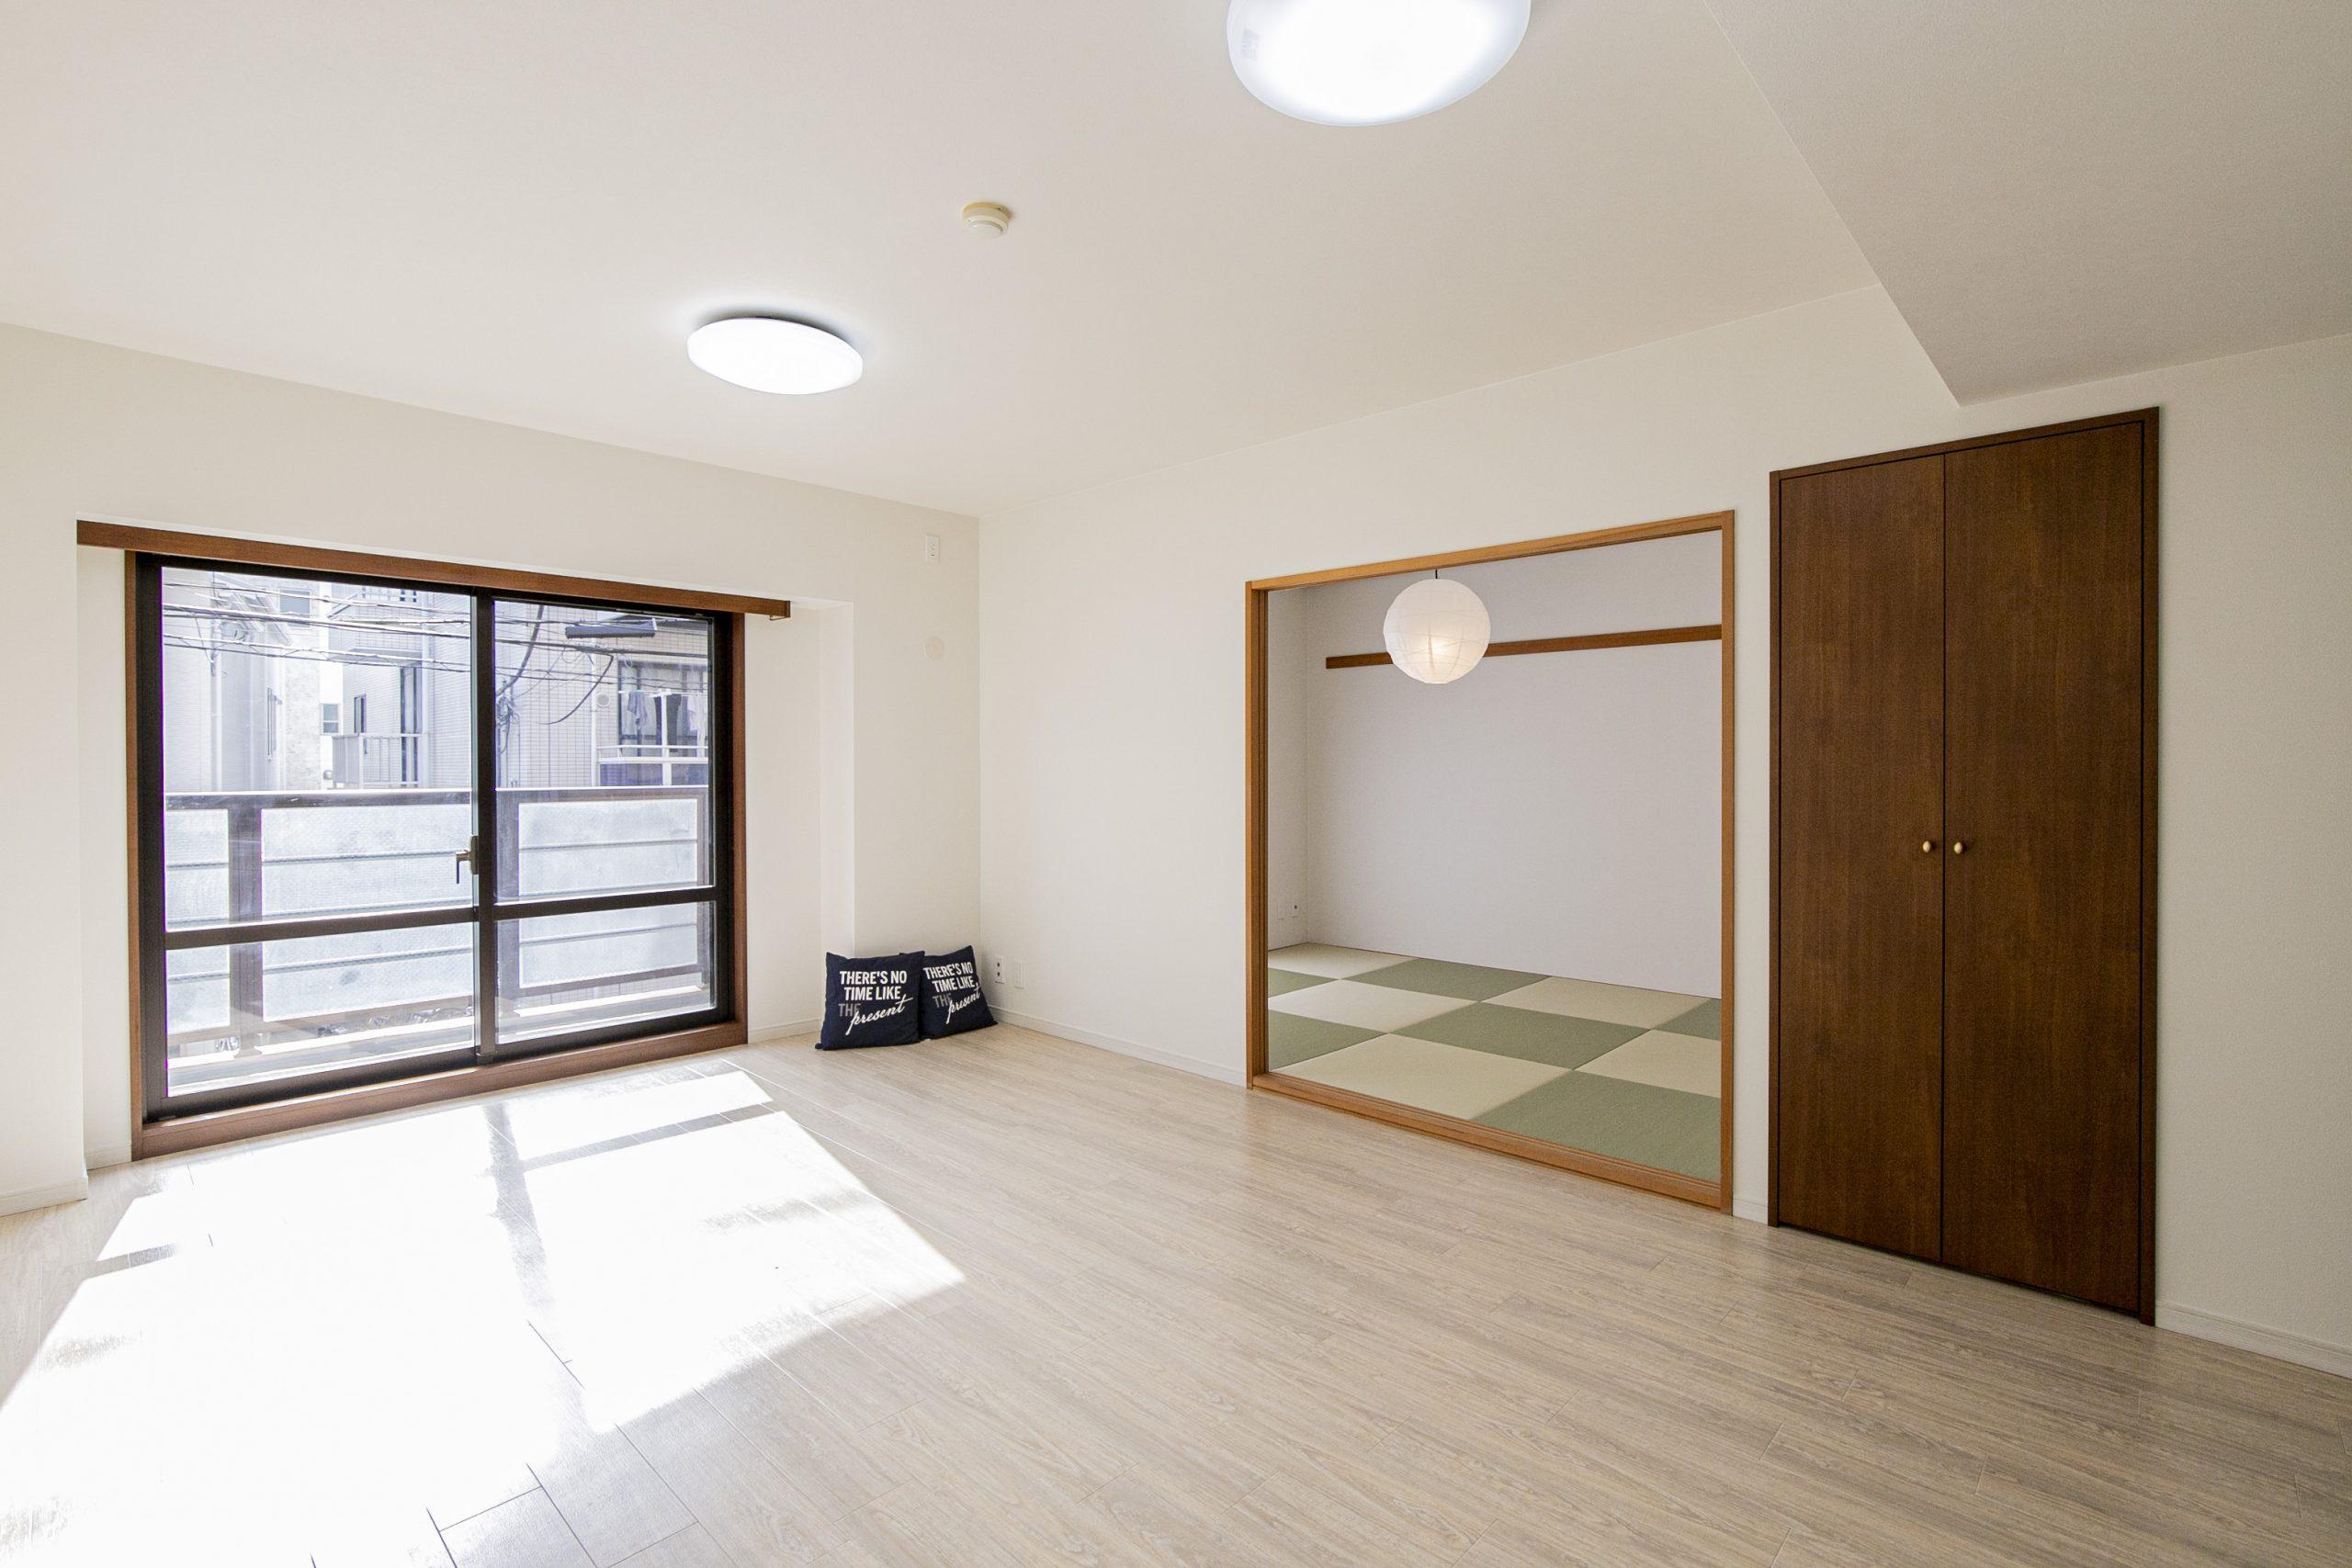 幡ヶ谷 リビングとキッチン、家族の会話をつなぐ窓